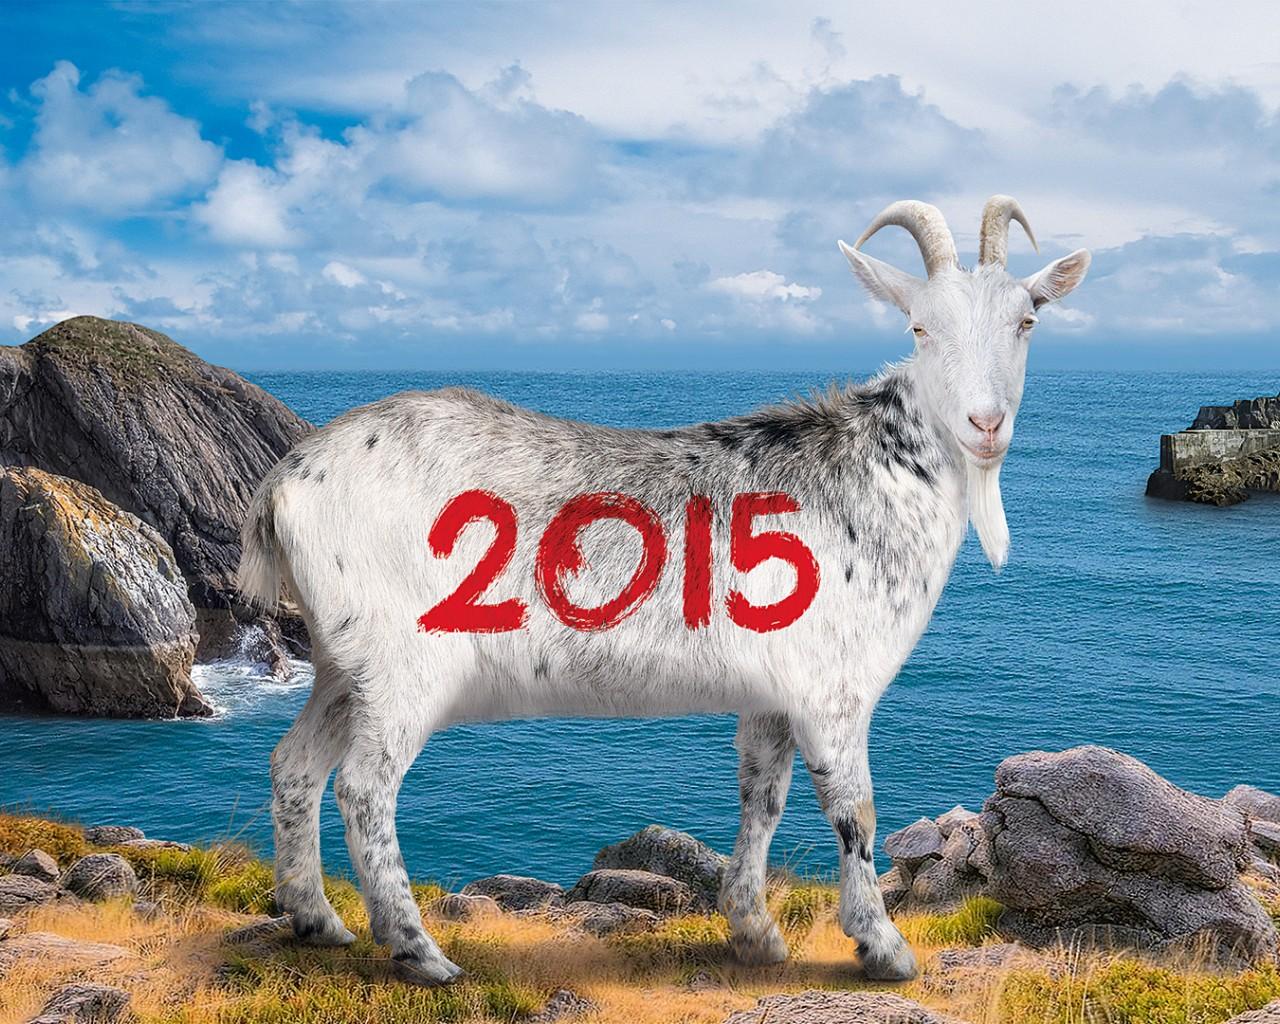 год козы обои на рабочий стол № 528501 загрузить